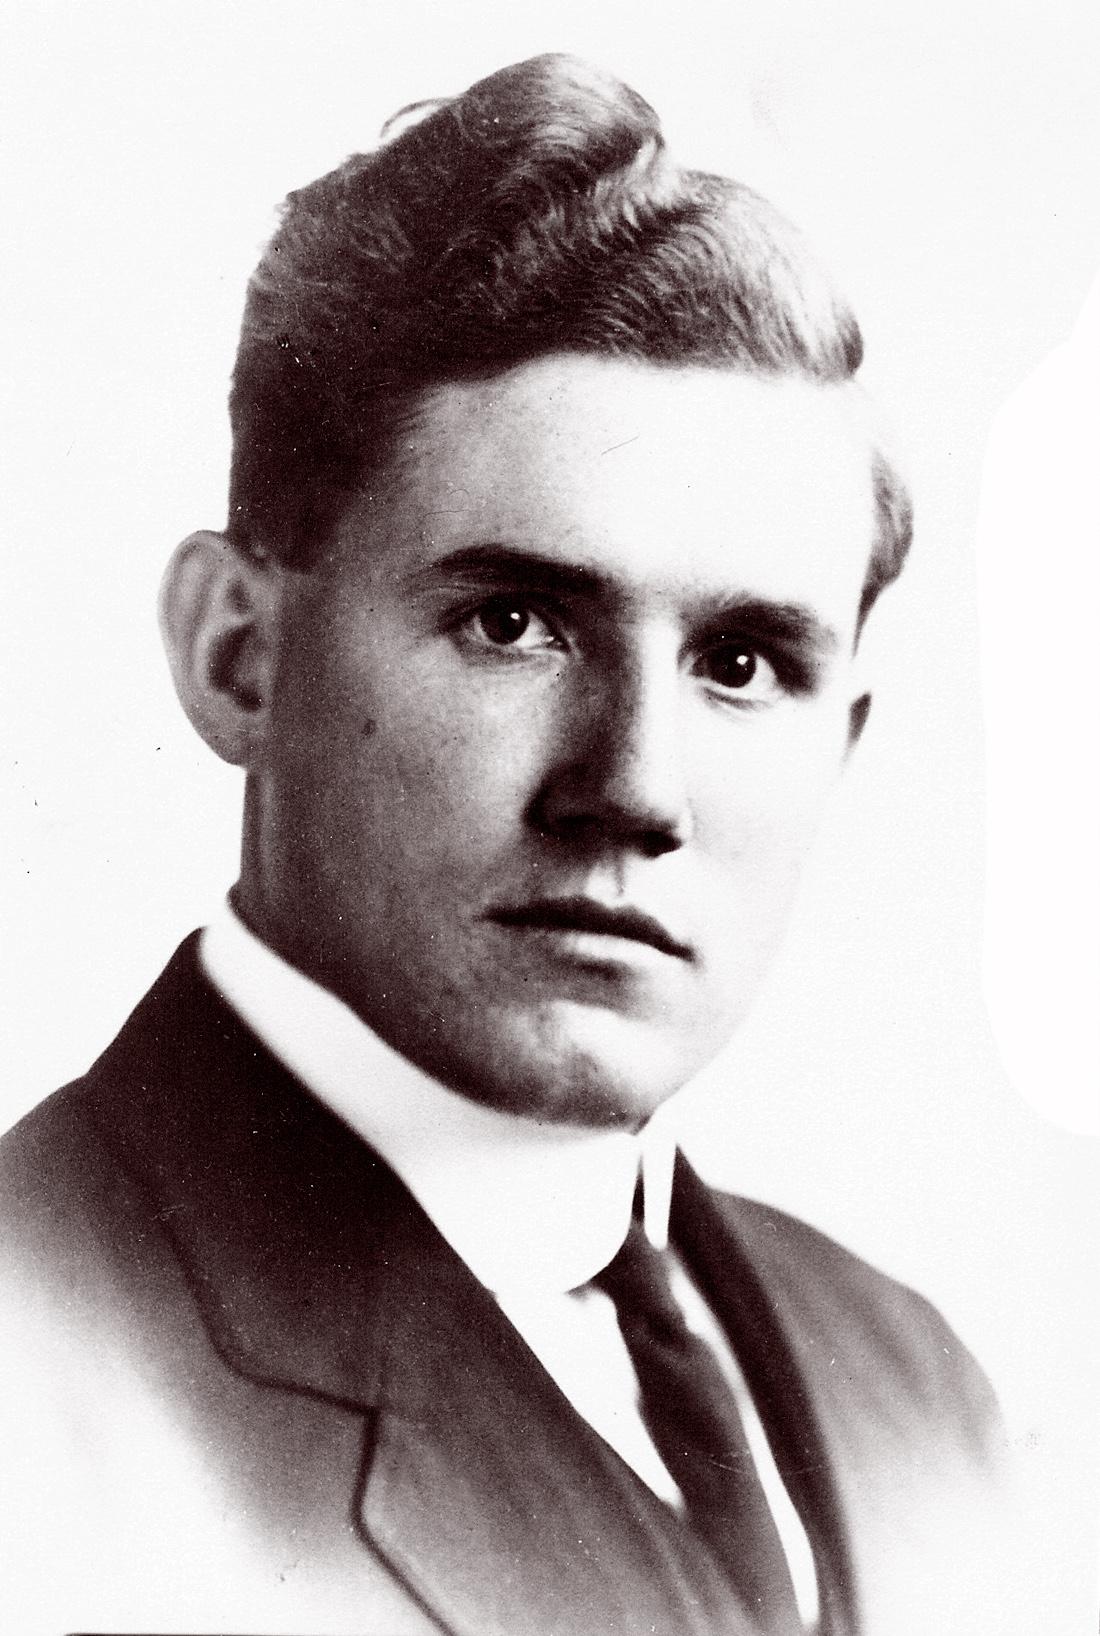 Anderson, Enoch Leander